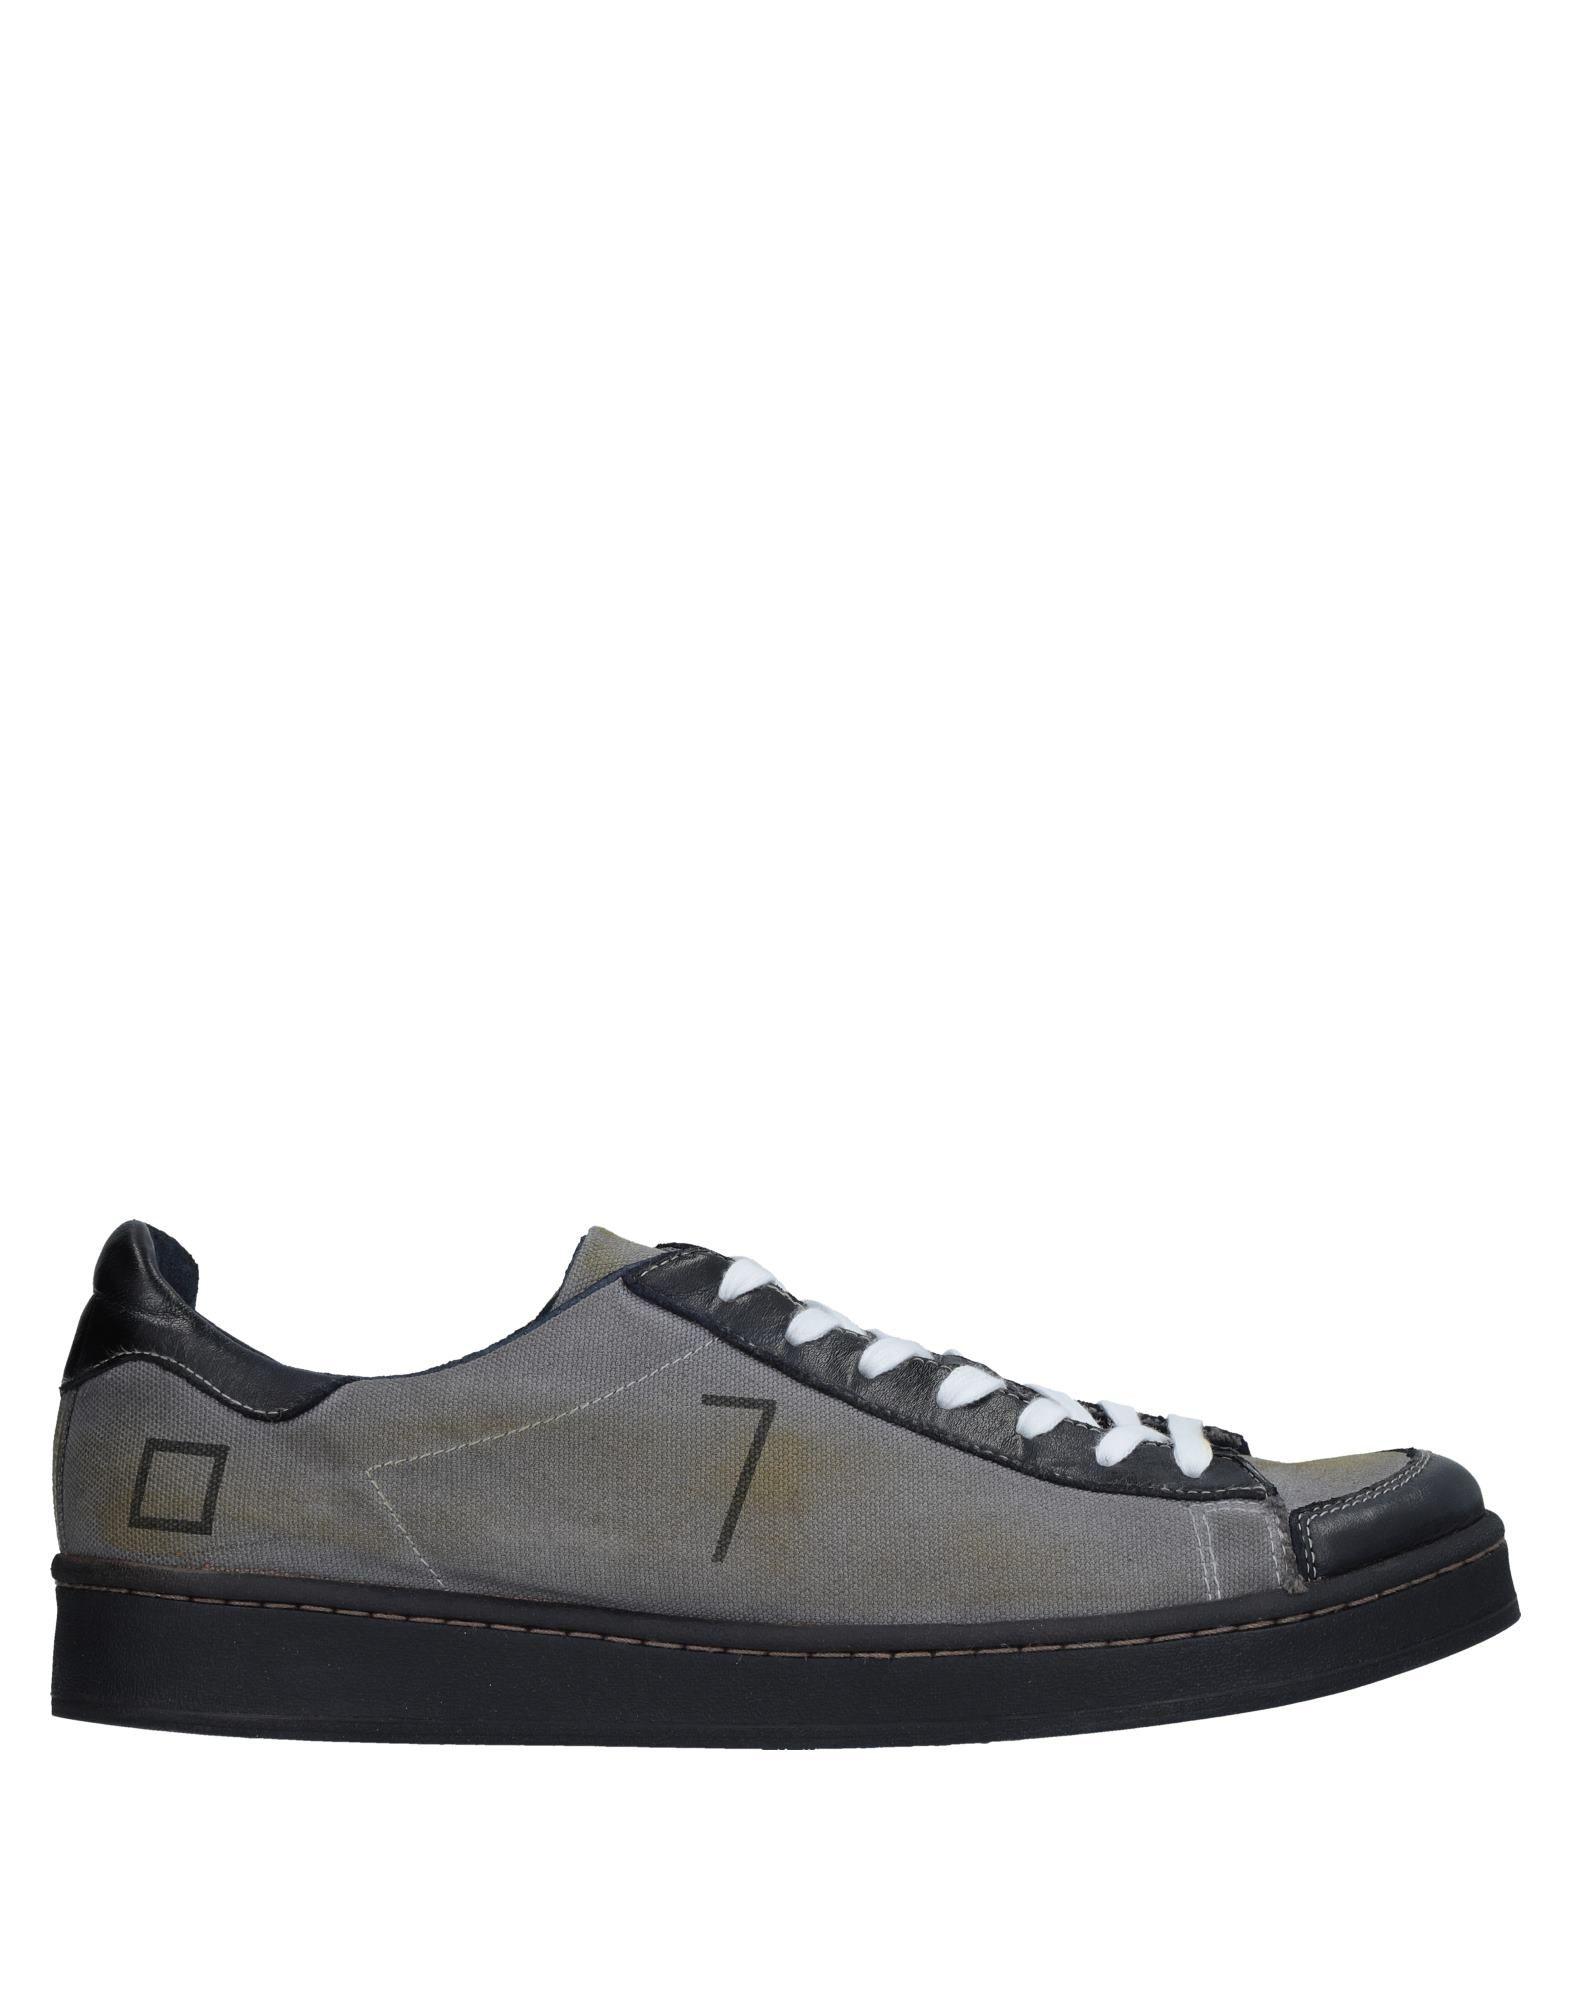 D.A.T.E. X Eral 55 11519226MI Sneakers Herren  11519226MI 55 6ed274